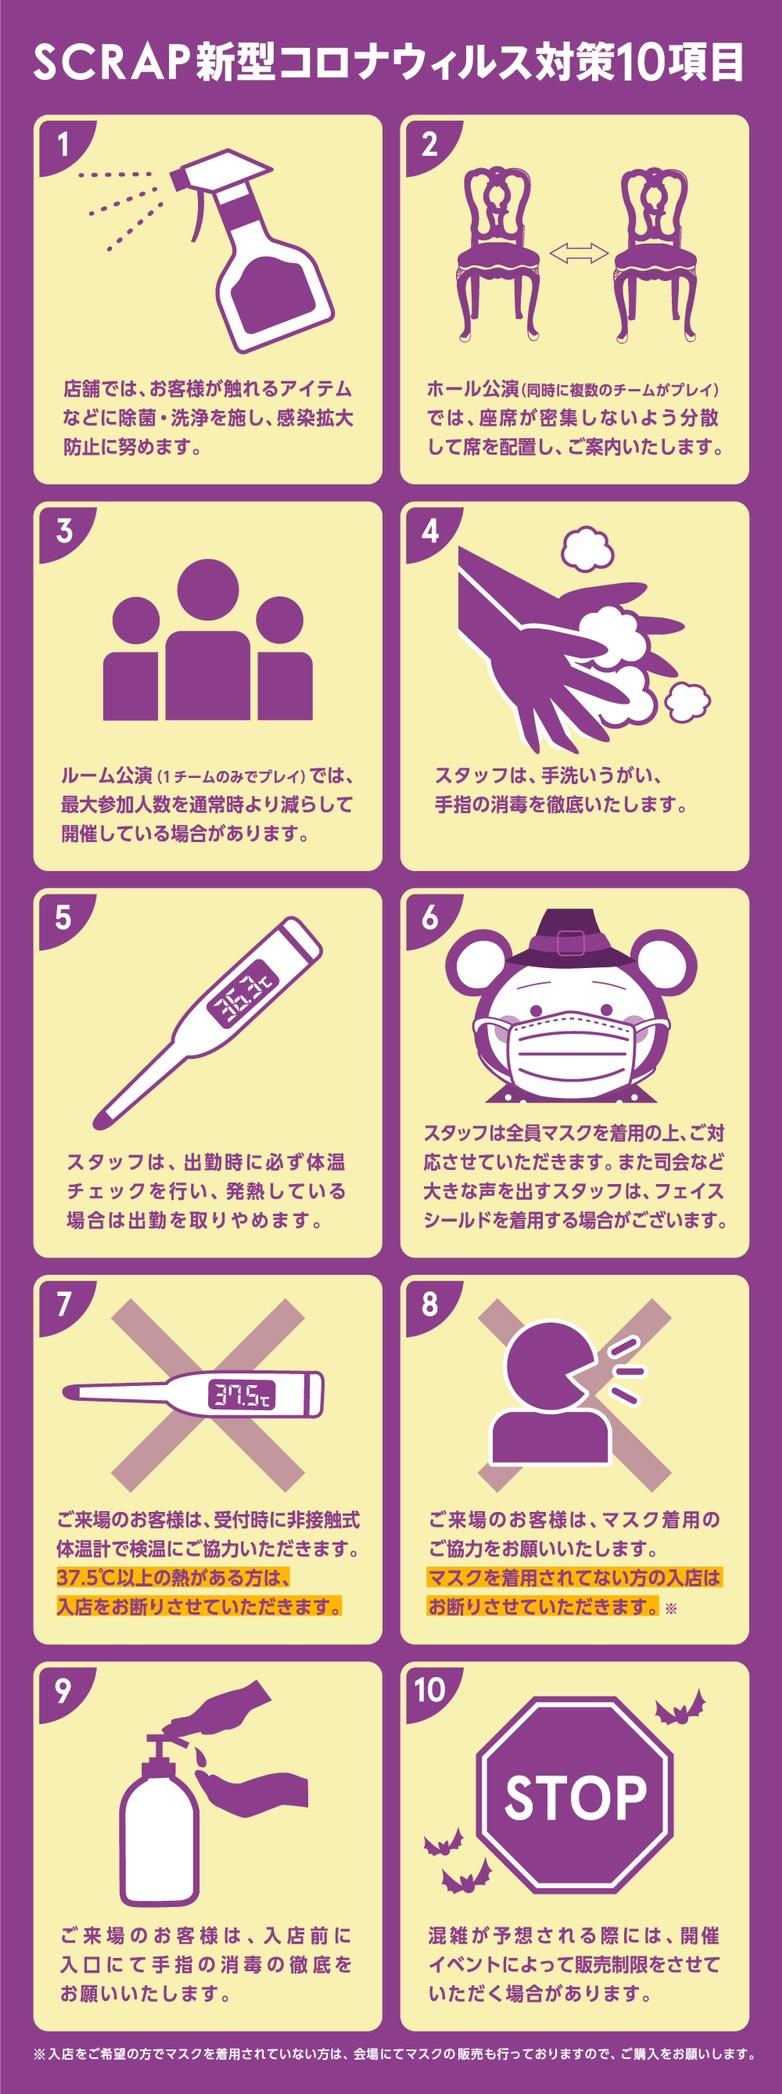 コロナ十箇条ハロウィン.jpg